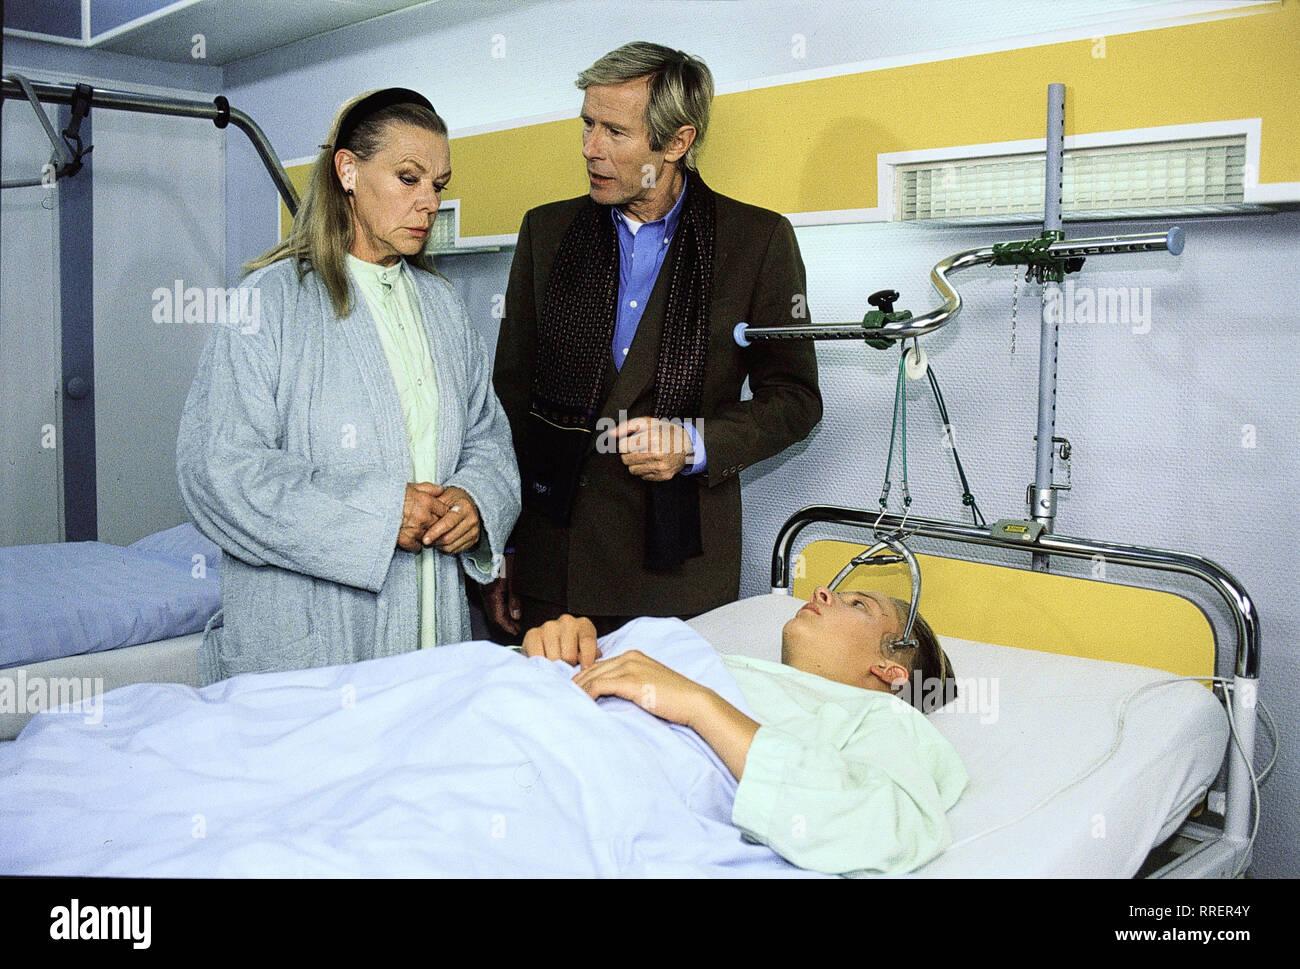 FÜR ALLE FÄLLE STEFANIE / Eine ganze Menge Leben/Carl-Maria JACOMBS Söderbrunn (Simon), der Sohn des berühmten Dirigenten (HORST JANSON), wird mit Halswirbelfraktur eingeliefert. Angeblich hat er sich die Verletzung beim Fussballspiel zugezogen. Die aufsichtsführende Lehrerin, Frau Wecker (INGRID VAN BERGEN), wird daraufhin suspendiert. Doch dann gesteht Carl-Maria, dass er an der internatsüblichen Mutprobe teilgenommen hat... /EM -0-58556/, 28 DFAFaelle/Überschrift: FÜR ALLE FÄLLE STEFANIE / D 1994 Stockbild